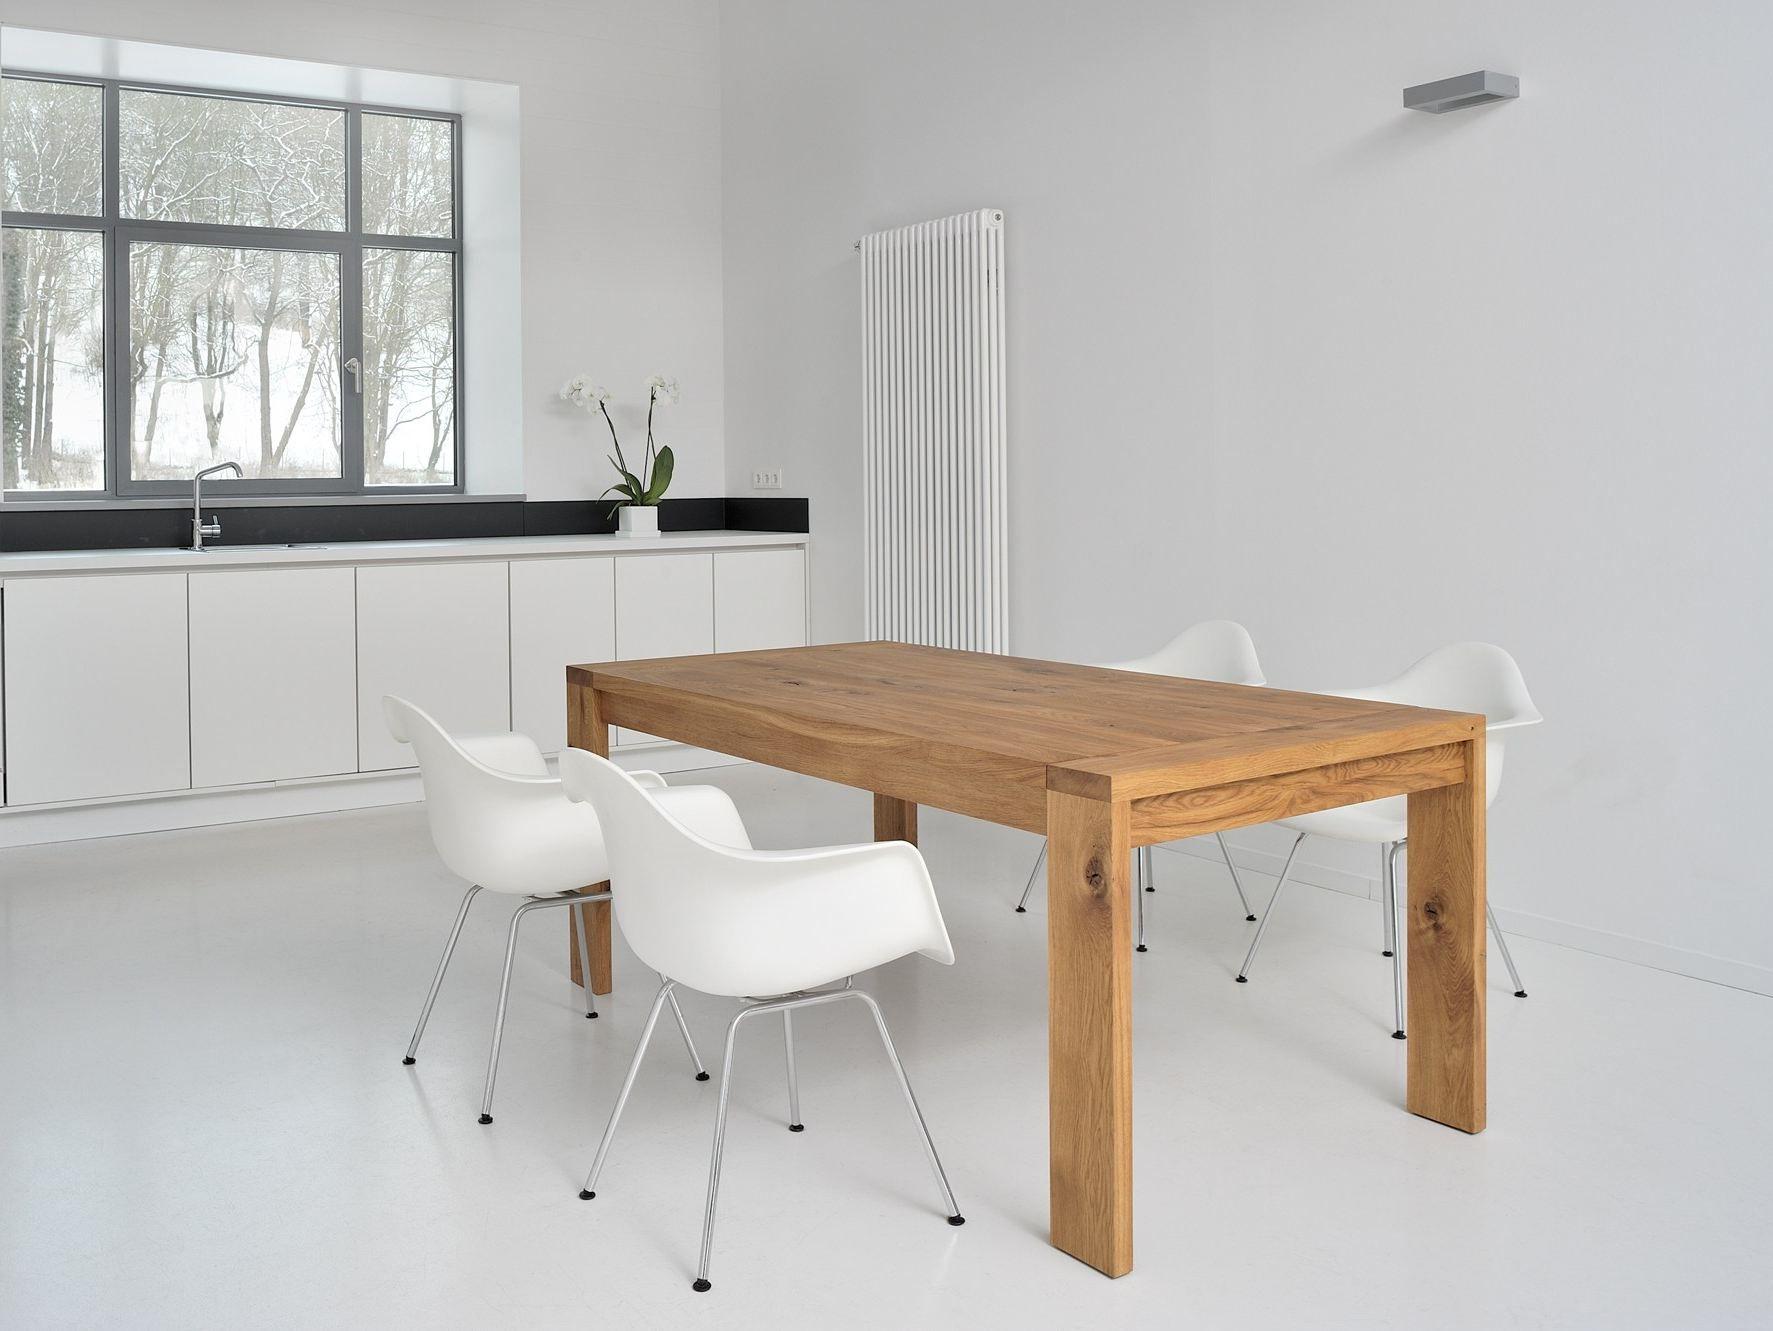 Tavolo allungabile in legno massello lungo by vitamin for Tavolo in legno design